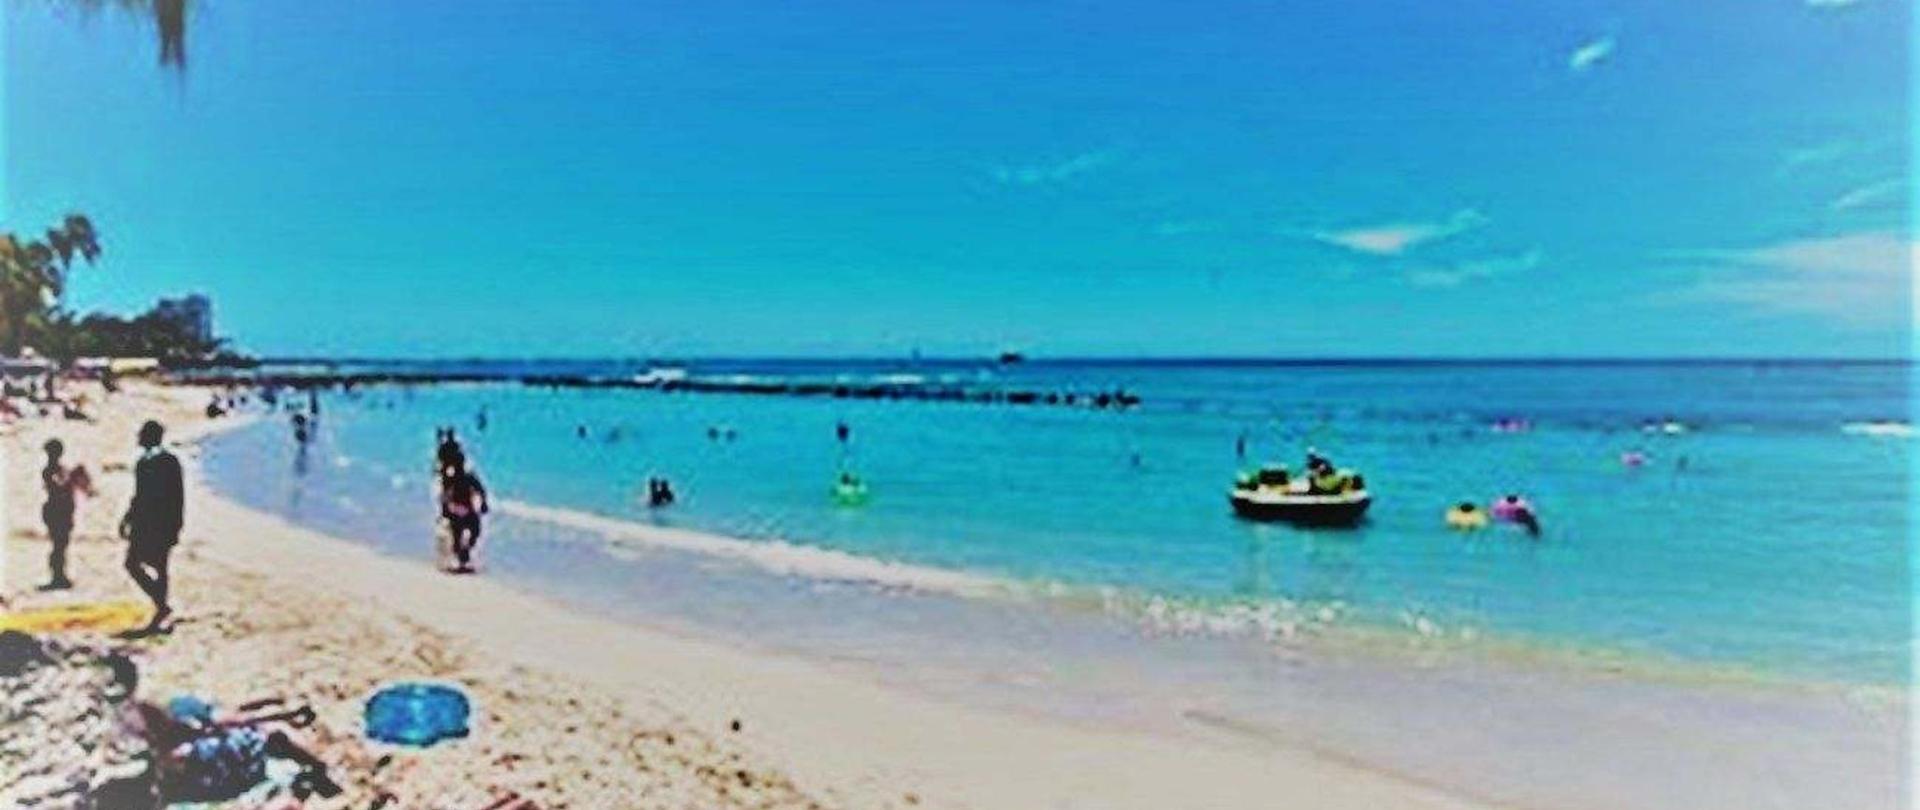 waikiki-beach-day-1.jpg